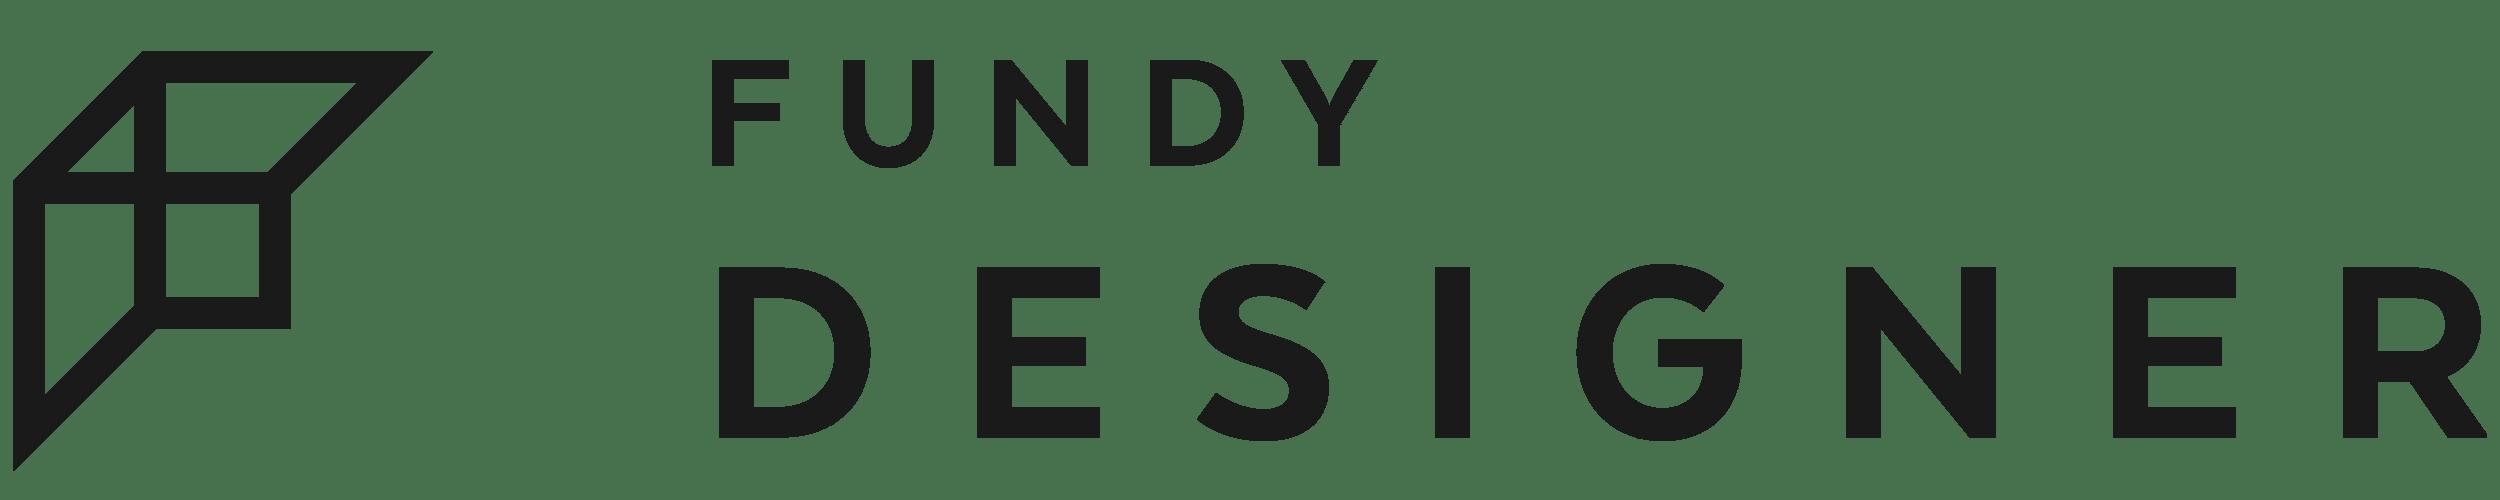 Fundy Designer logo